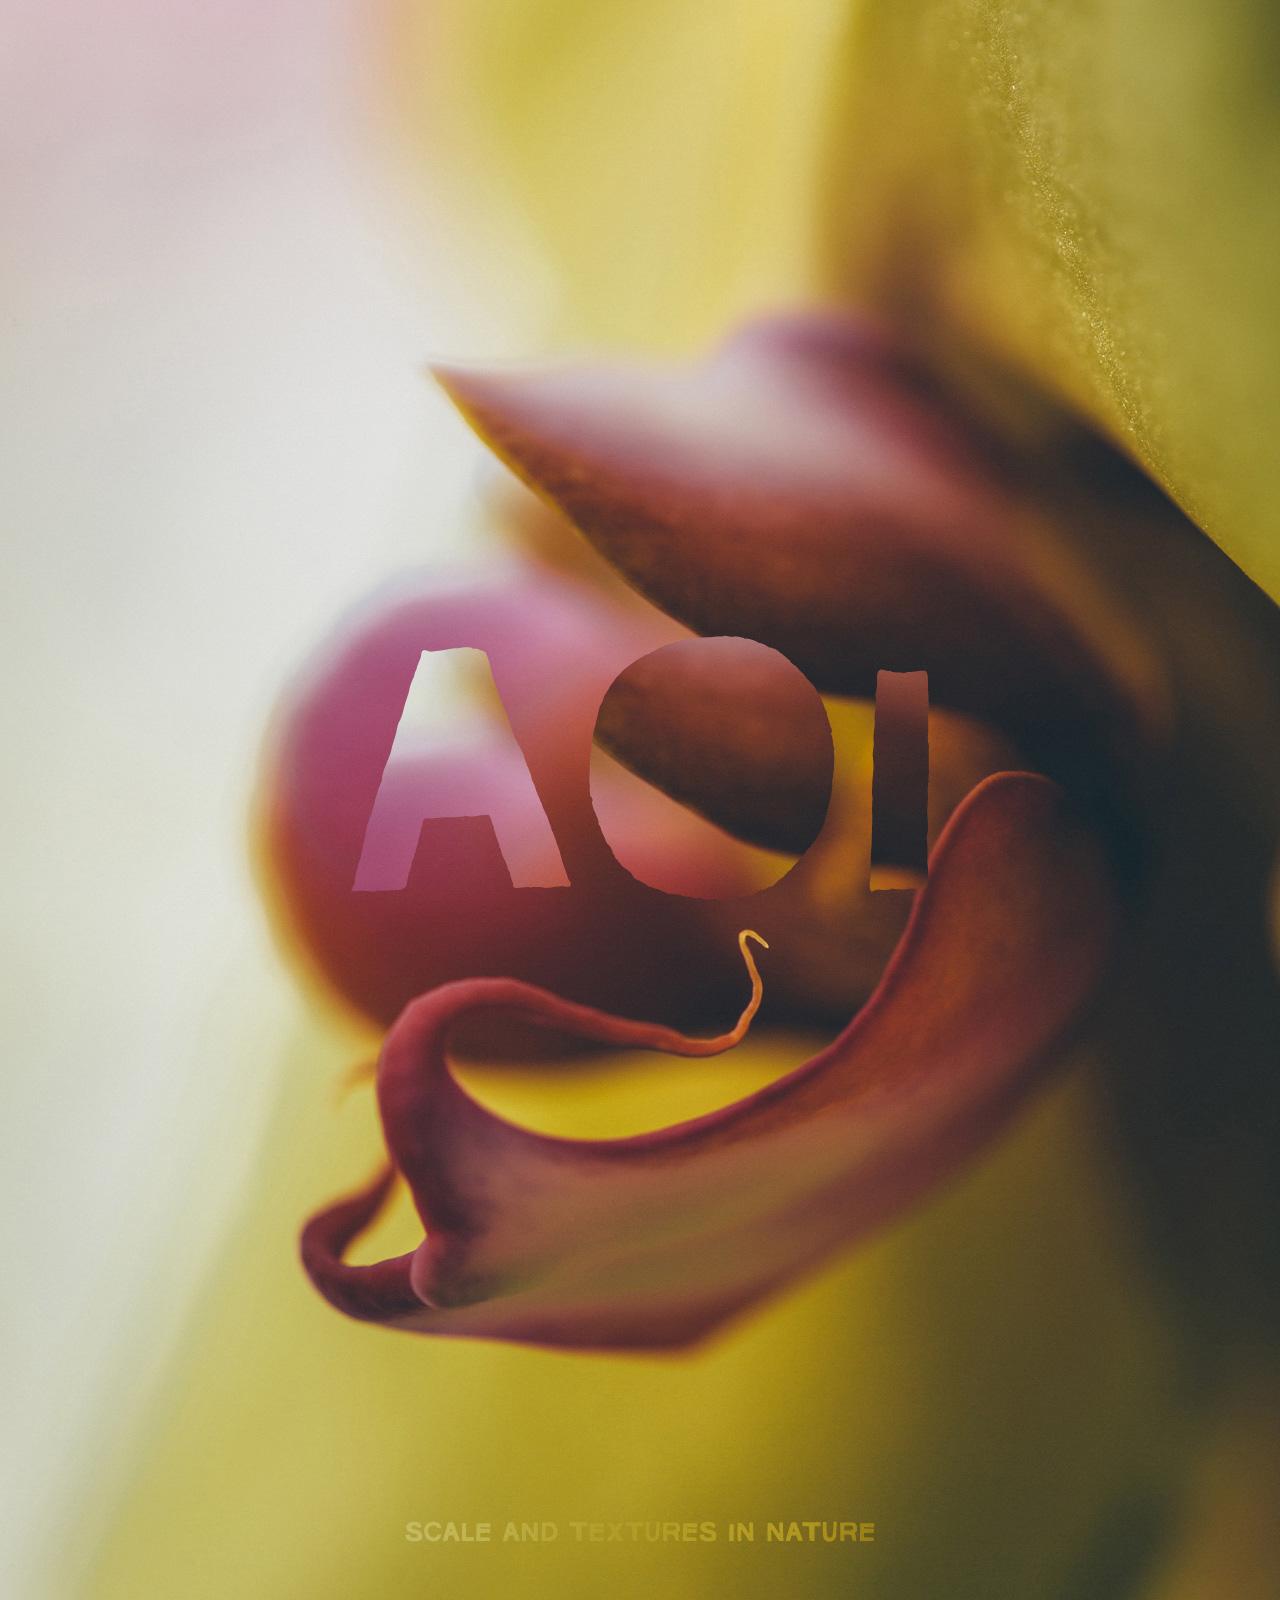 A O I